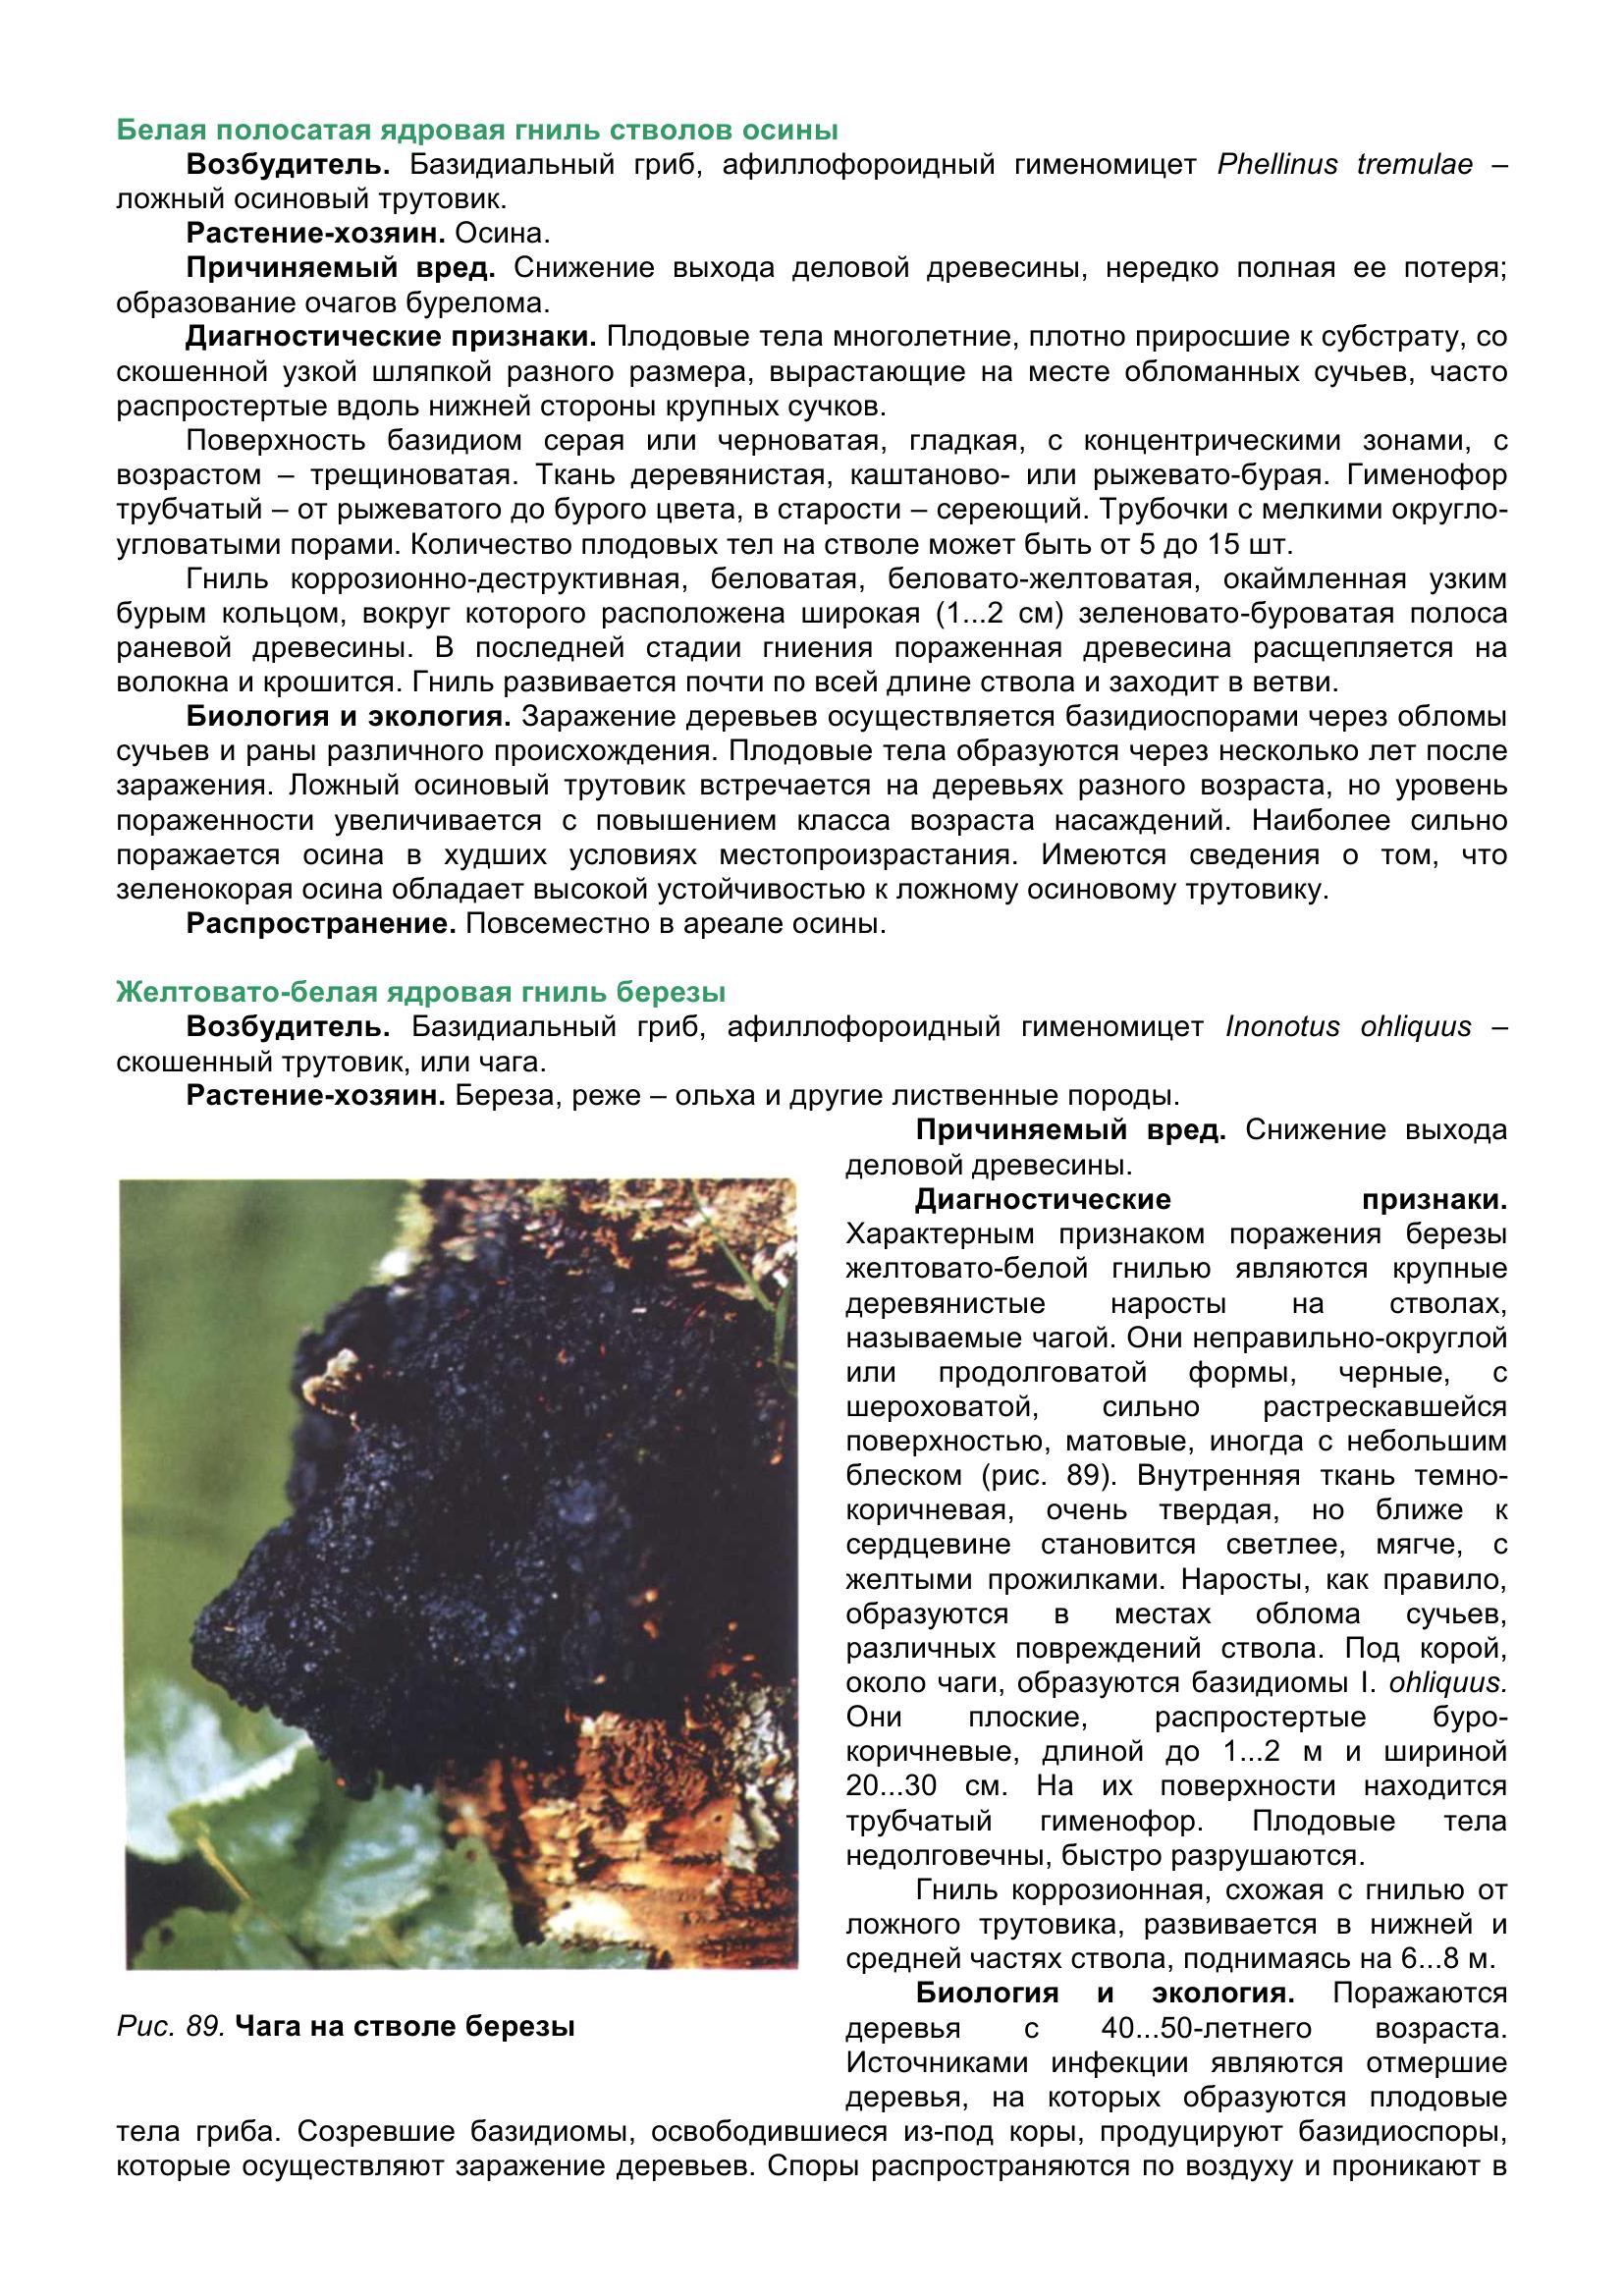 Болезни_древесных_растений_099.jpg